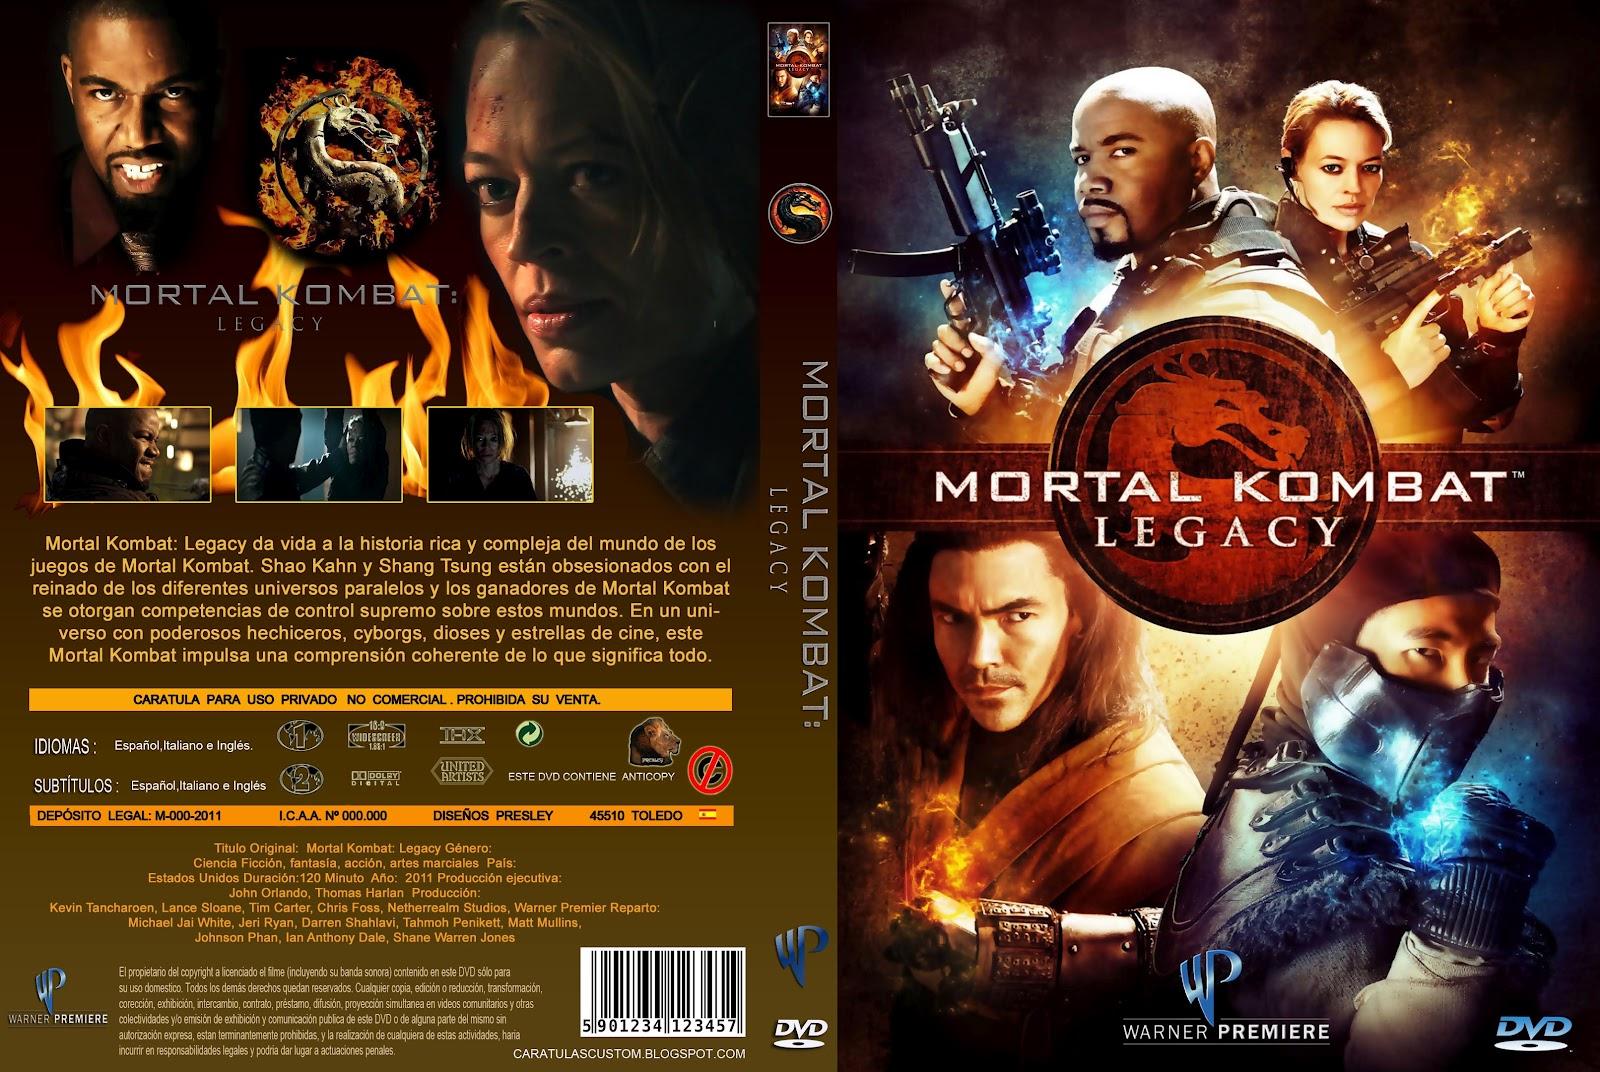 Mortal kombat legacy dvd amazon